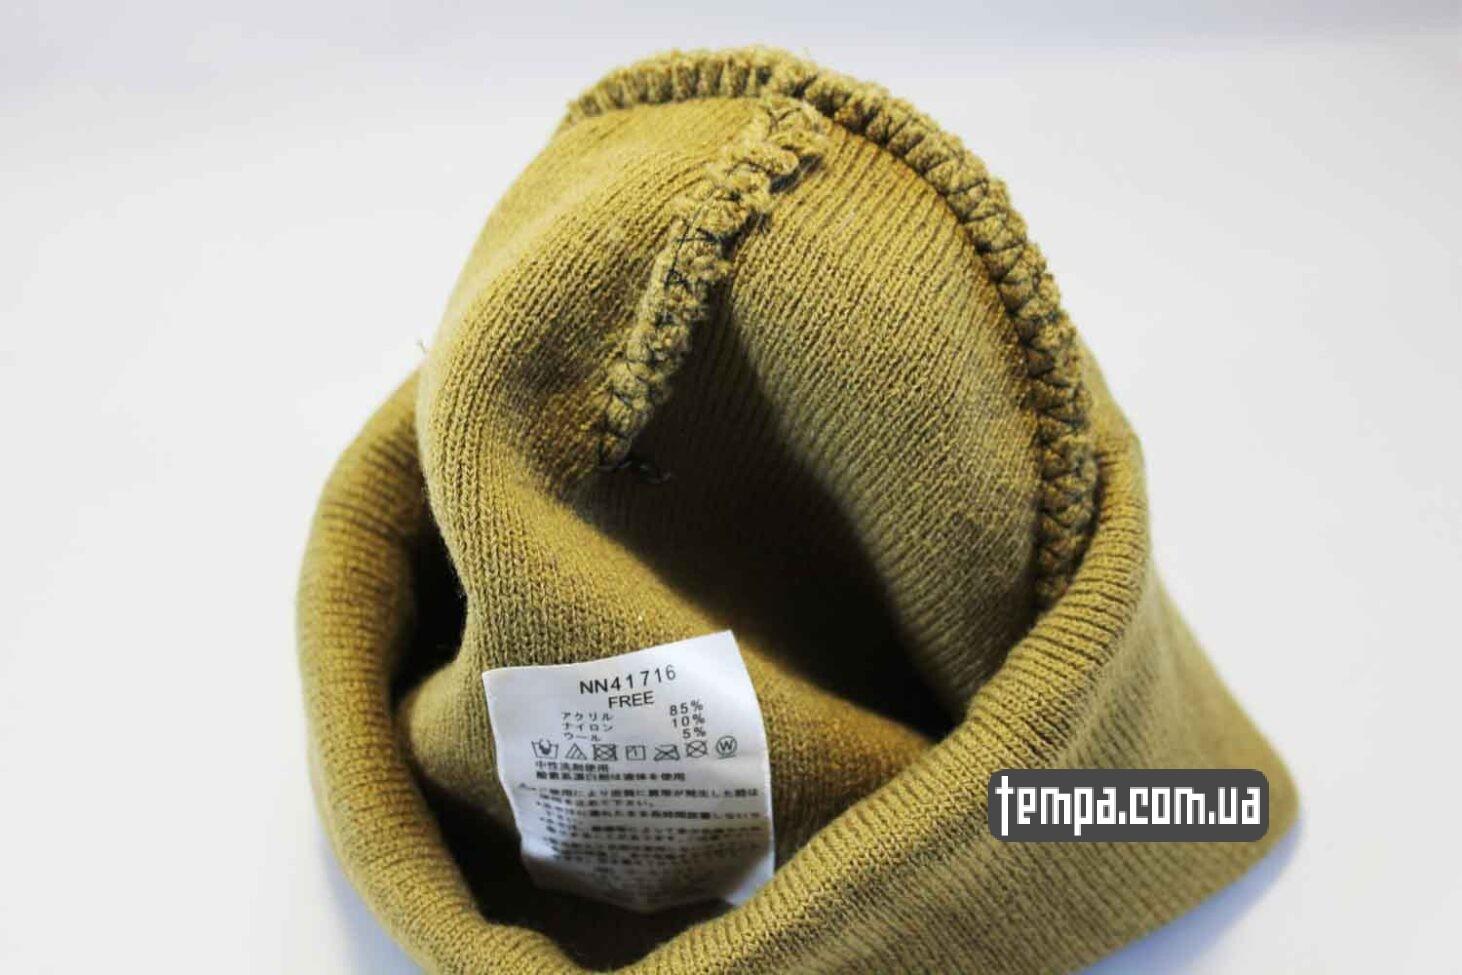 двойная теплая зимняя шапка beanie North Face желтая Норс Фейс Украина